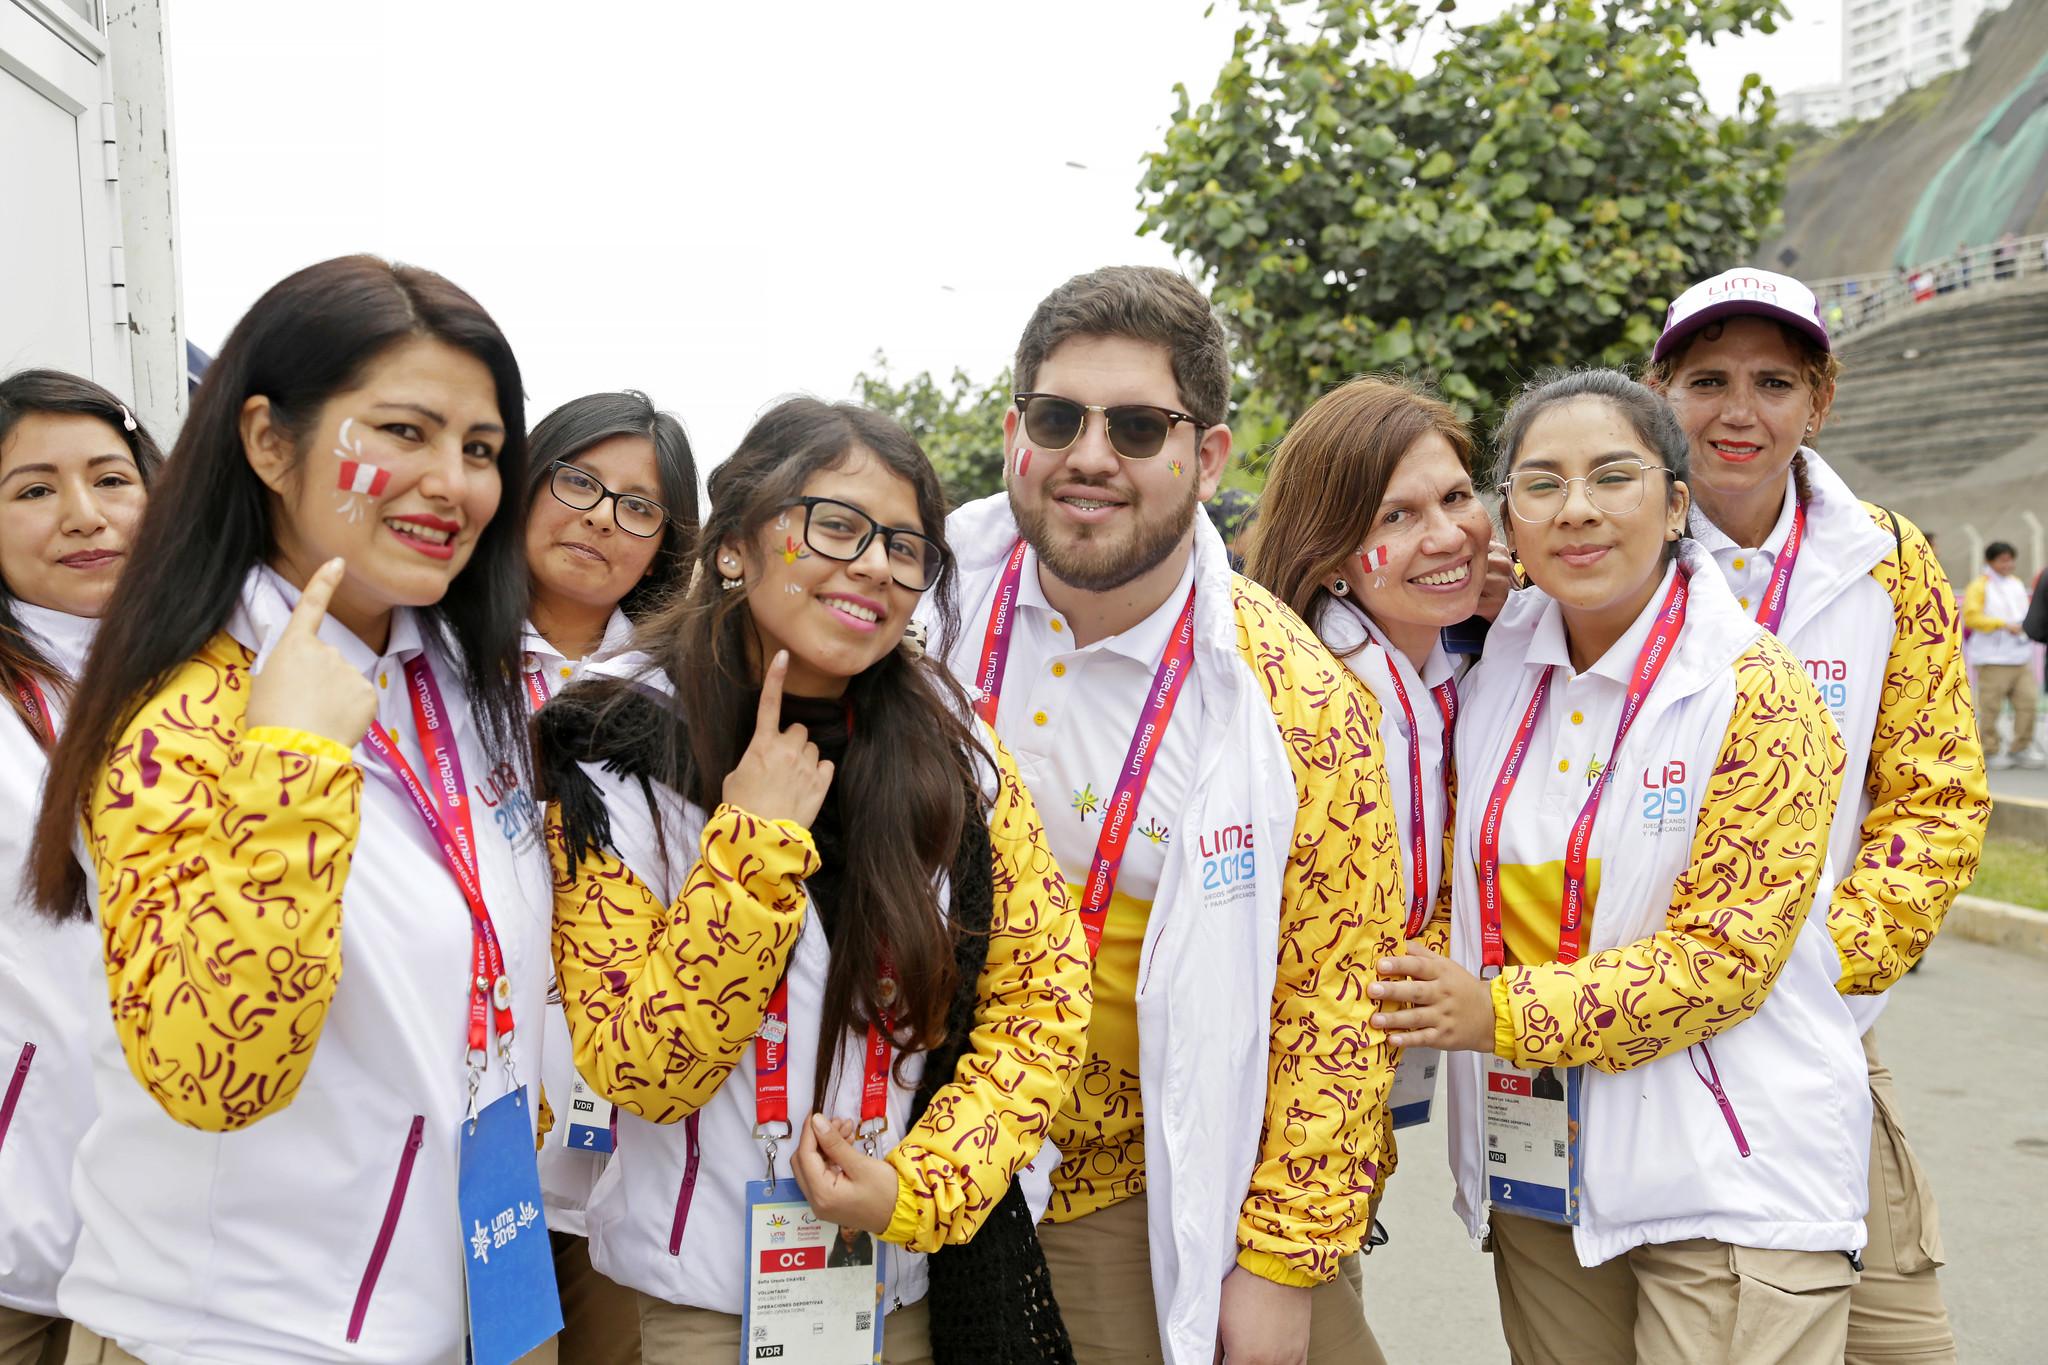 Lima 2019 | CERCA DE 6 MIL VOLUNTARIOS PARTICIPARON EN LOS JUEGOS  PARAPANAMERICANOS LIMA 2019